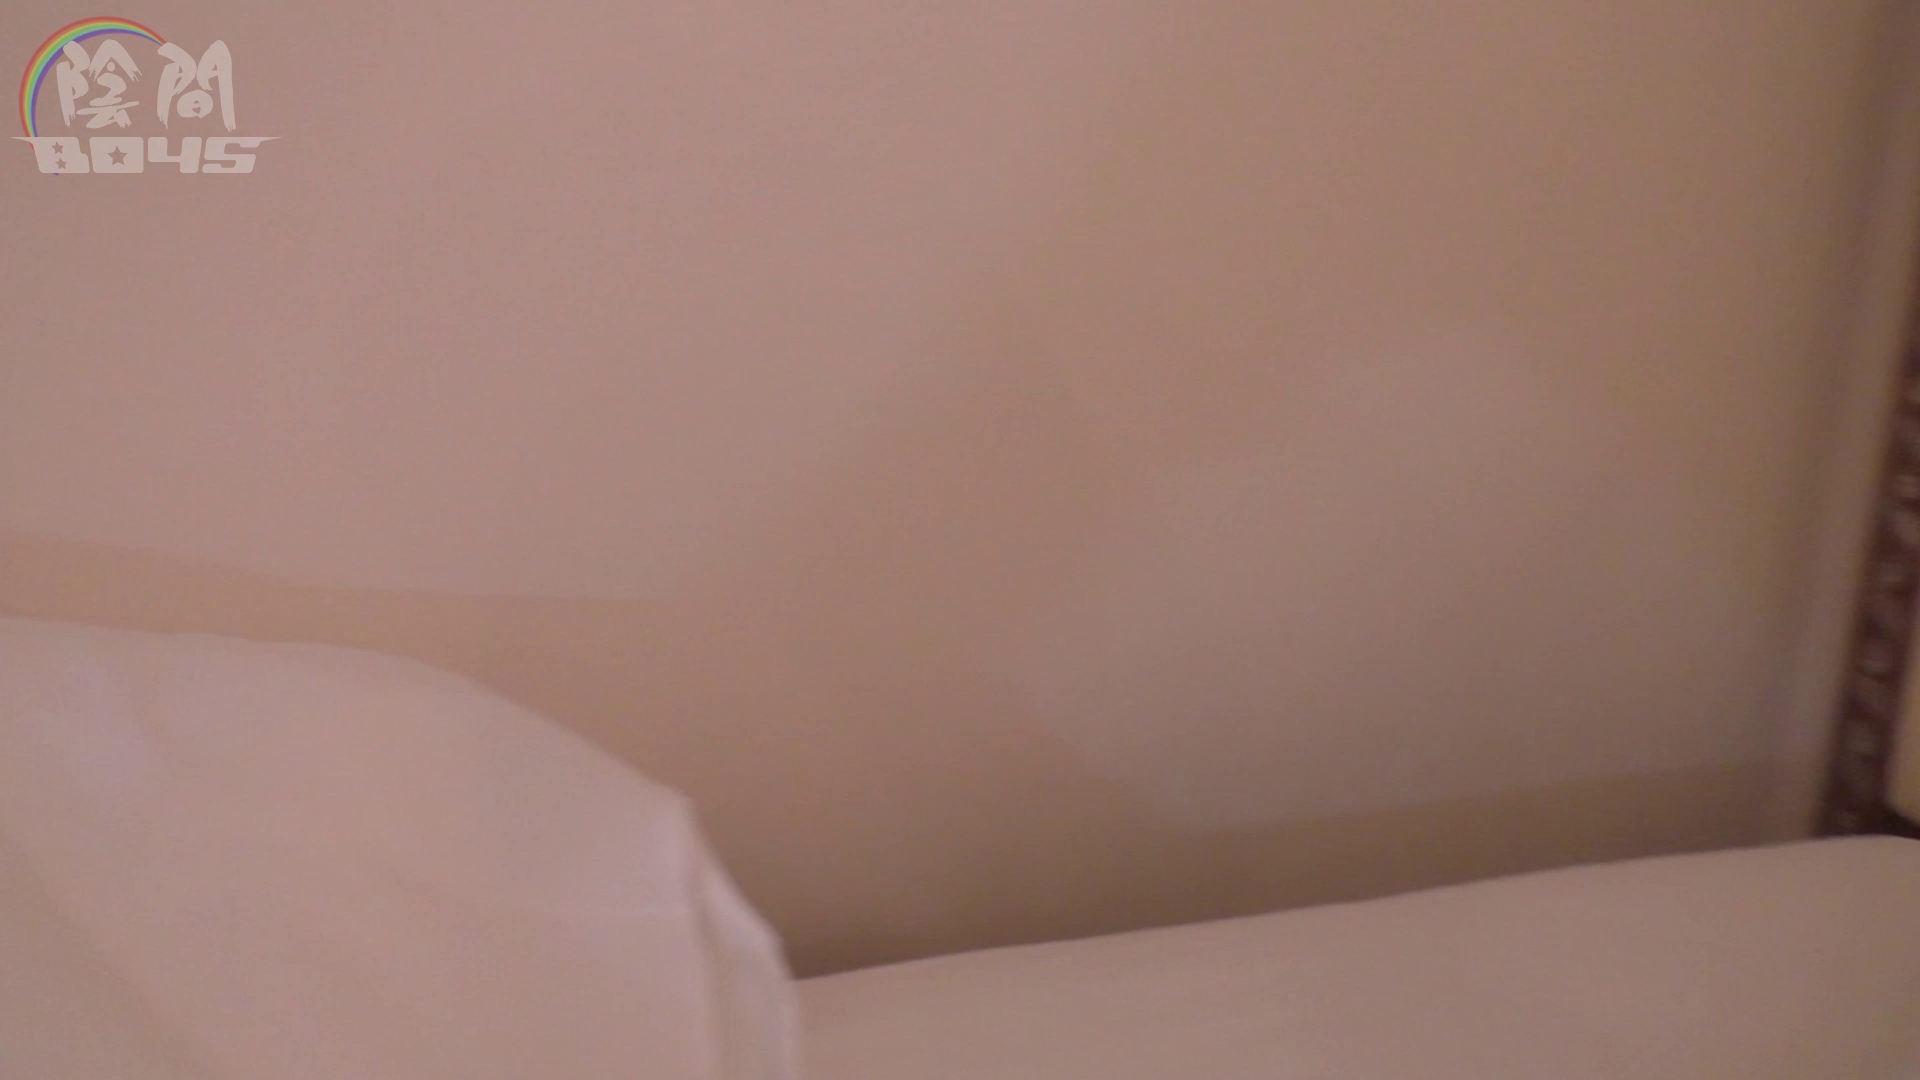 """【期間限定配信】キャバクラの仕事は""""アナル""""から2 Vol.03 アナルで大興奮   ゲイのオナニー映像  110枚 31"""